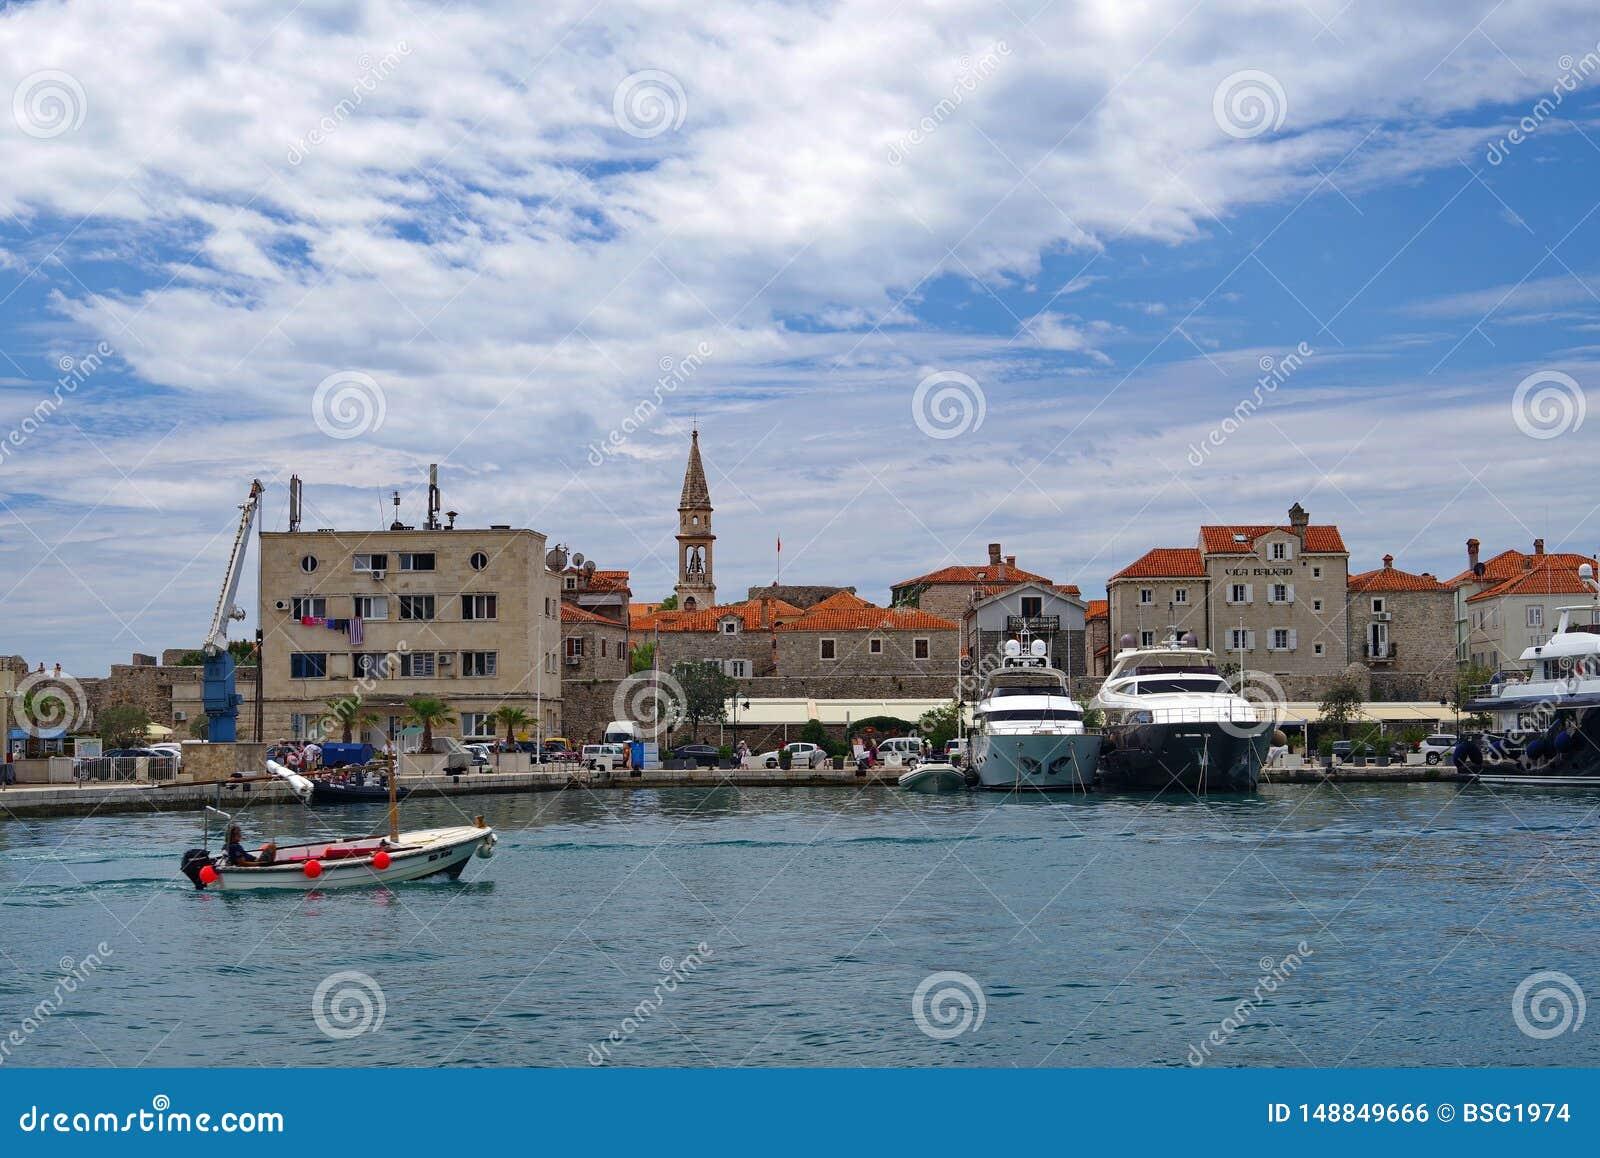 Άποψη της παλαιάς πόλης σε Budva, Μαυροβούνιο